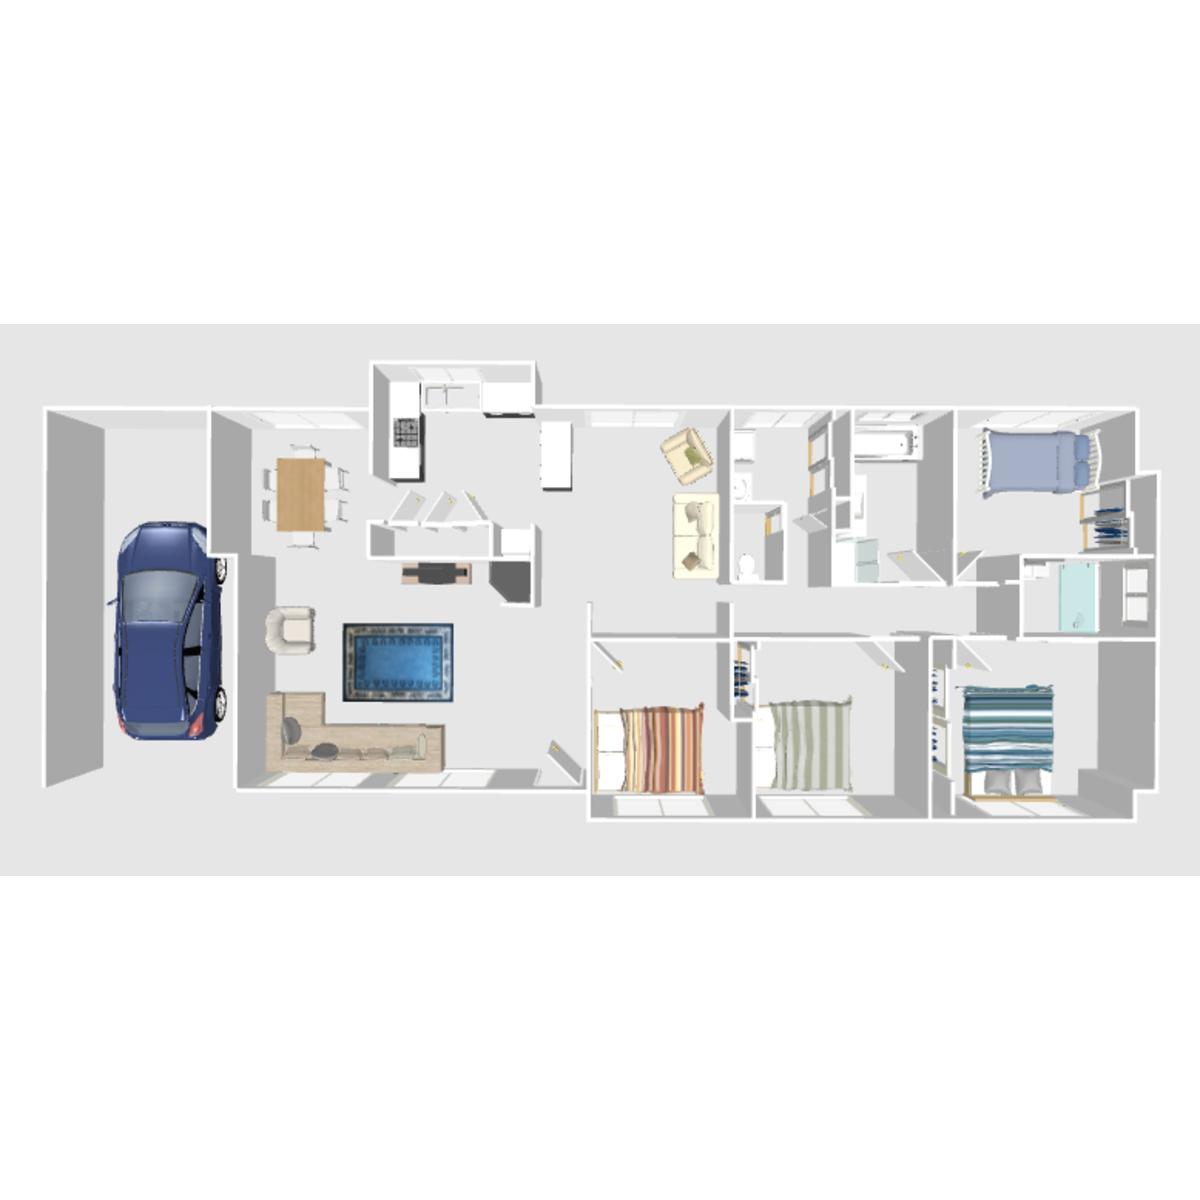 53 Mount Warren Boulevard,Mount Warren Park,Australia 4207,4 Bedrooms Bedrooms,2 BathroomsBathrooms,House,Mount Warren Boulevard,1047